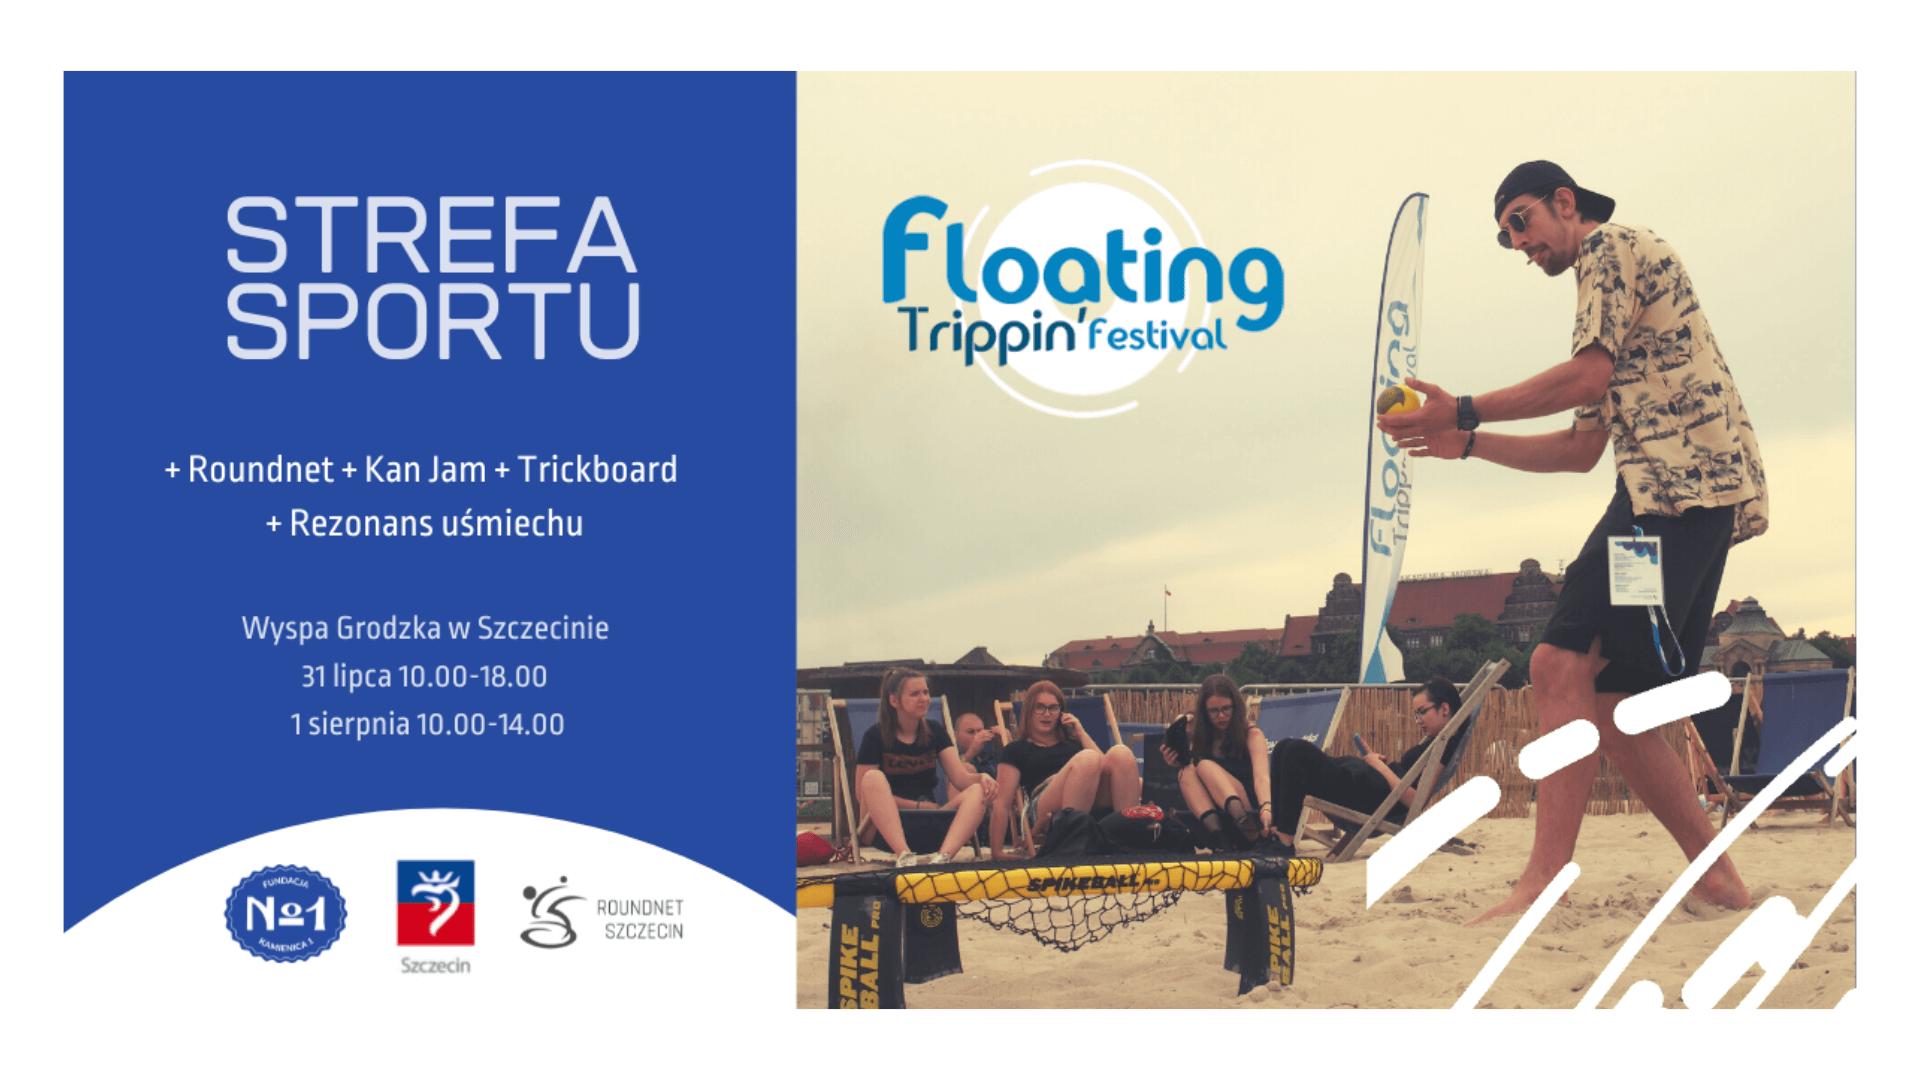 W prawej części grafiki znajduje się mężczyzna grający w roundnet na plaży. W lewej częsci grafiki na niebieskim tle znajduje się tekst Strefa sportu oraz informacje o terminie wydarzenia - 31 lipca godzina 10 - 18, 1 sierpnia 10 - 14